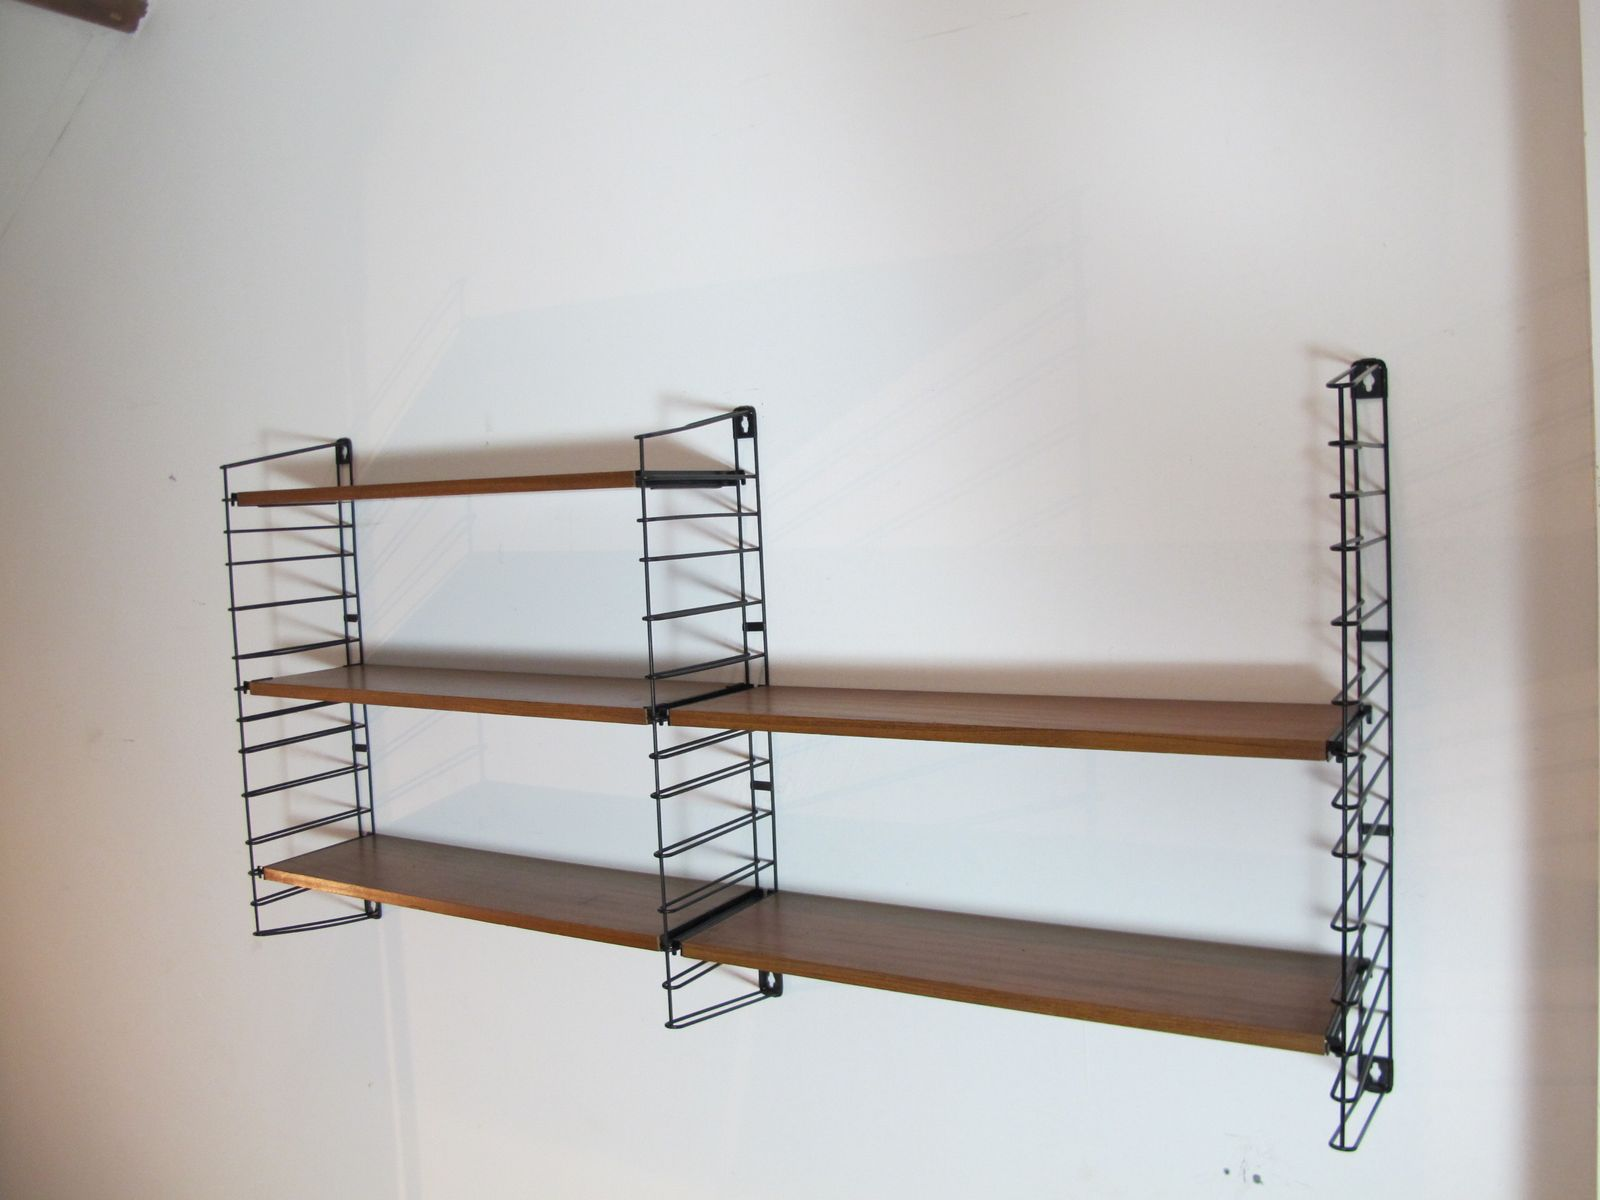 metall teak regalsystem von a dekker f r tomado 1960er. Black Bedroom Furniture Sets. Home Design Ideas